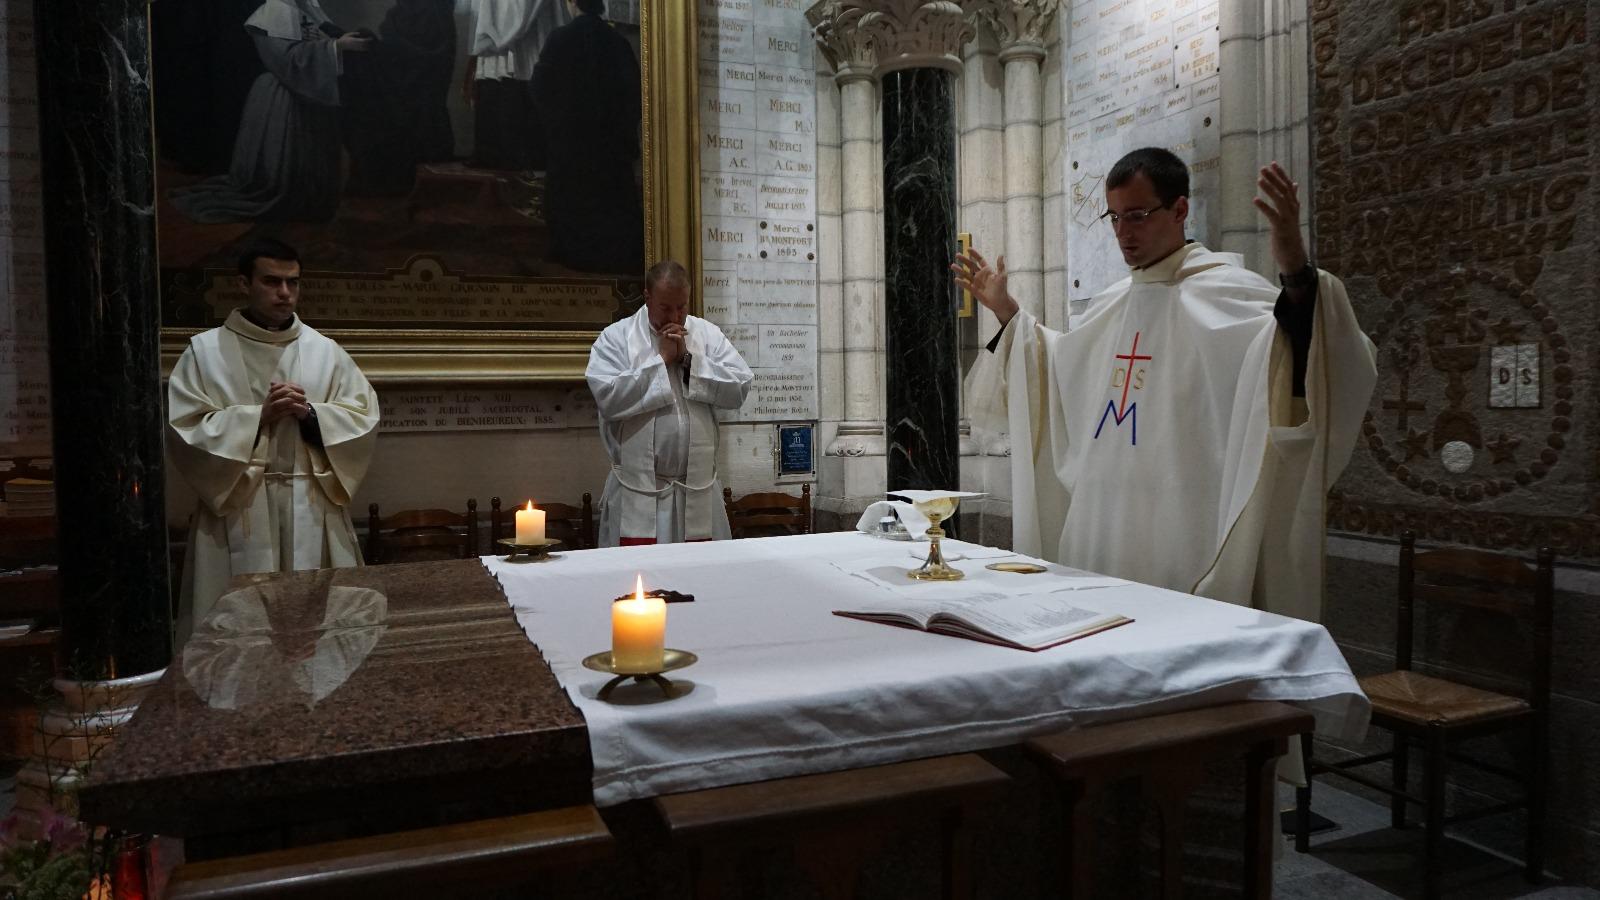 Misa sobre el altar que contiene los cuerpos de San Luis María Gringnion de Montfort y de Santa Marie-Louise Trichet